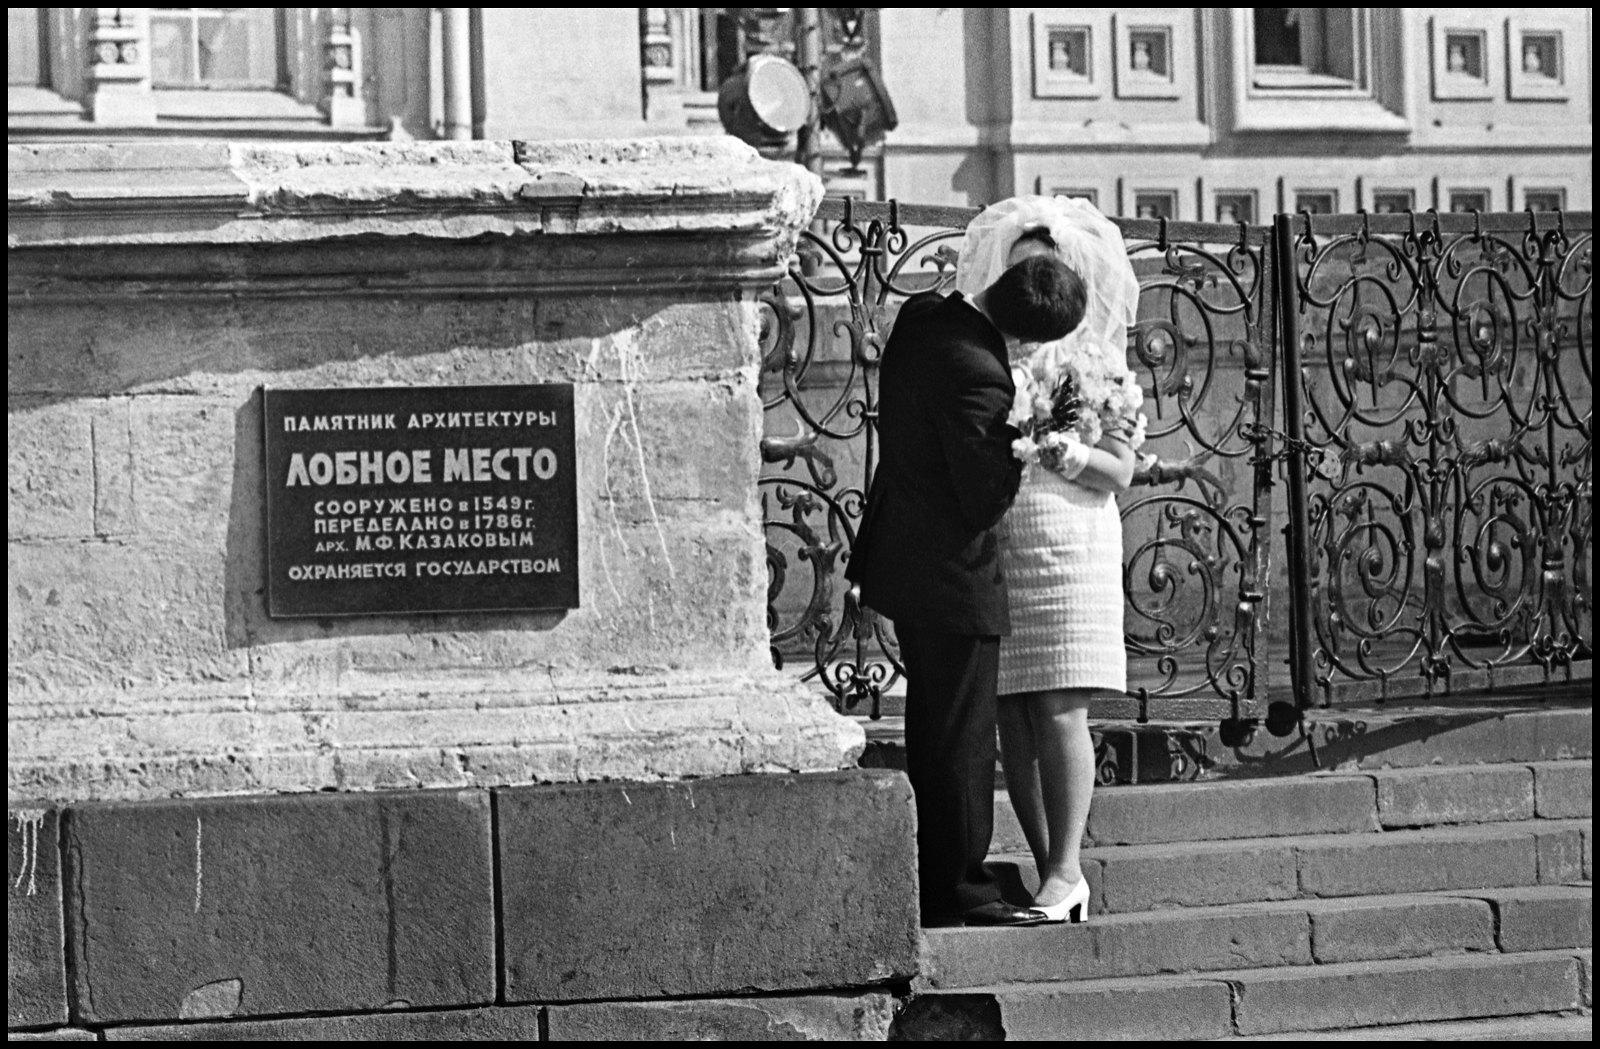 1971. Поцелуй на Лобном месте